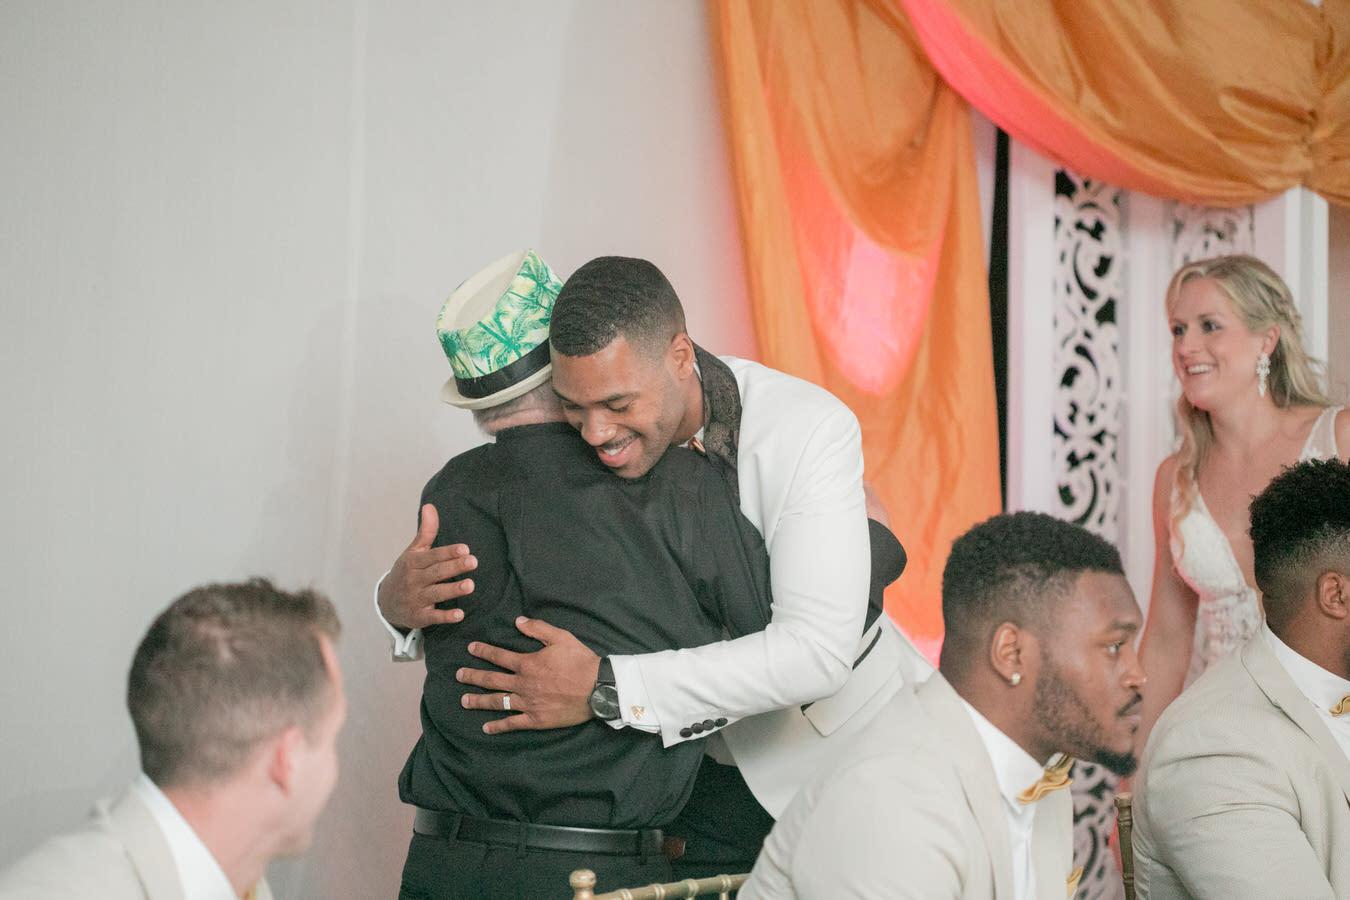 Ashley___Michael___Daniel_Ricci_Weddings_High_Res._Final_0430.jpg